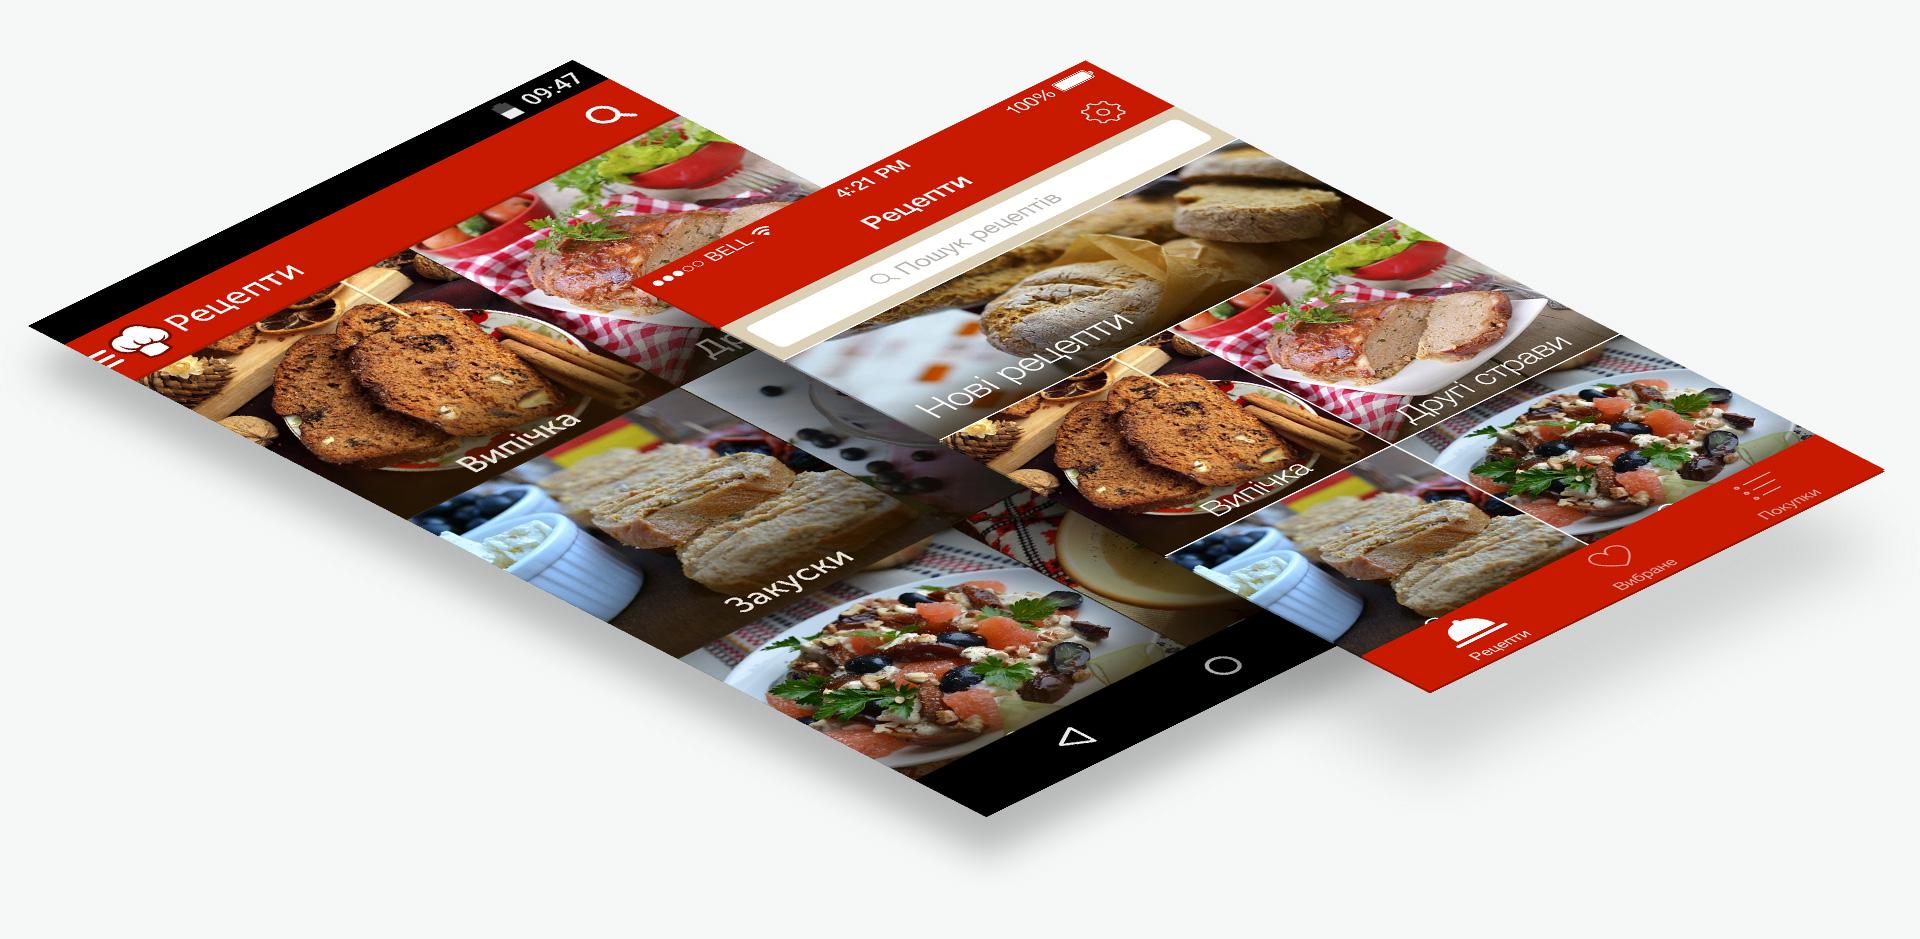 Main screen of Cookorama app